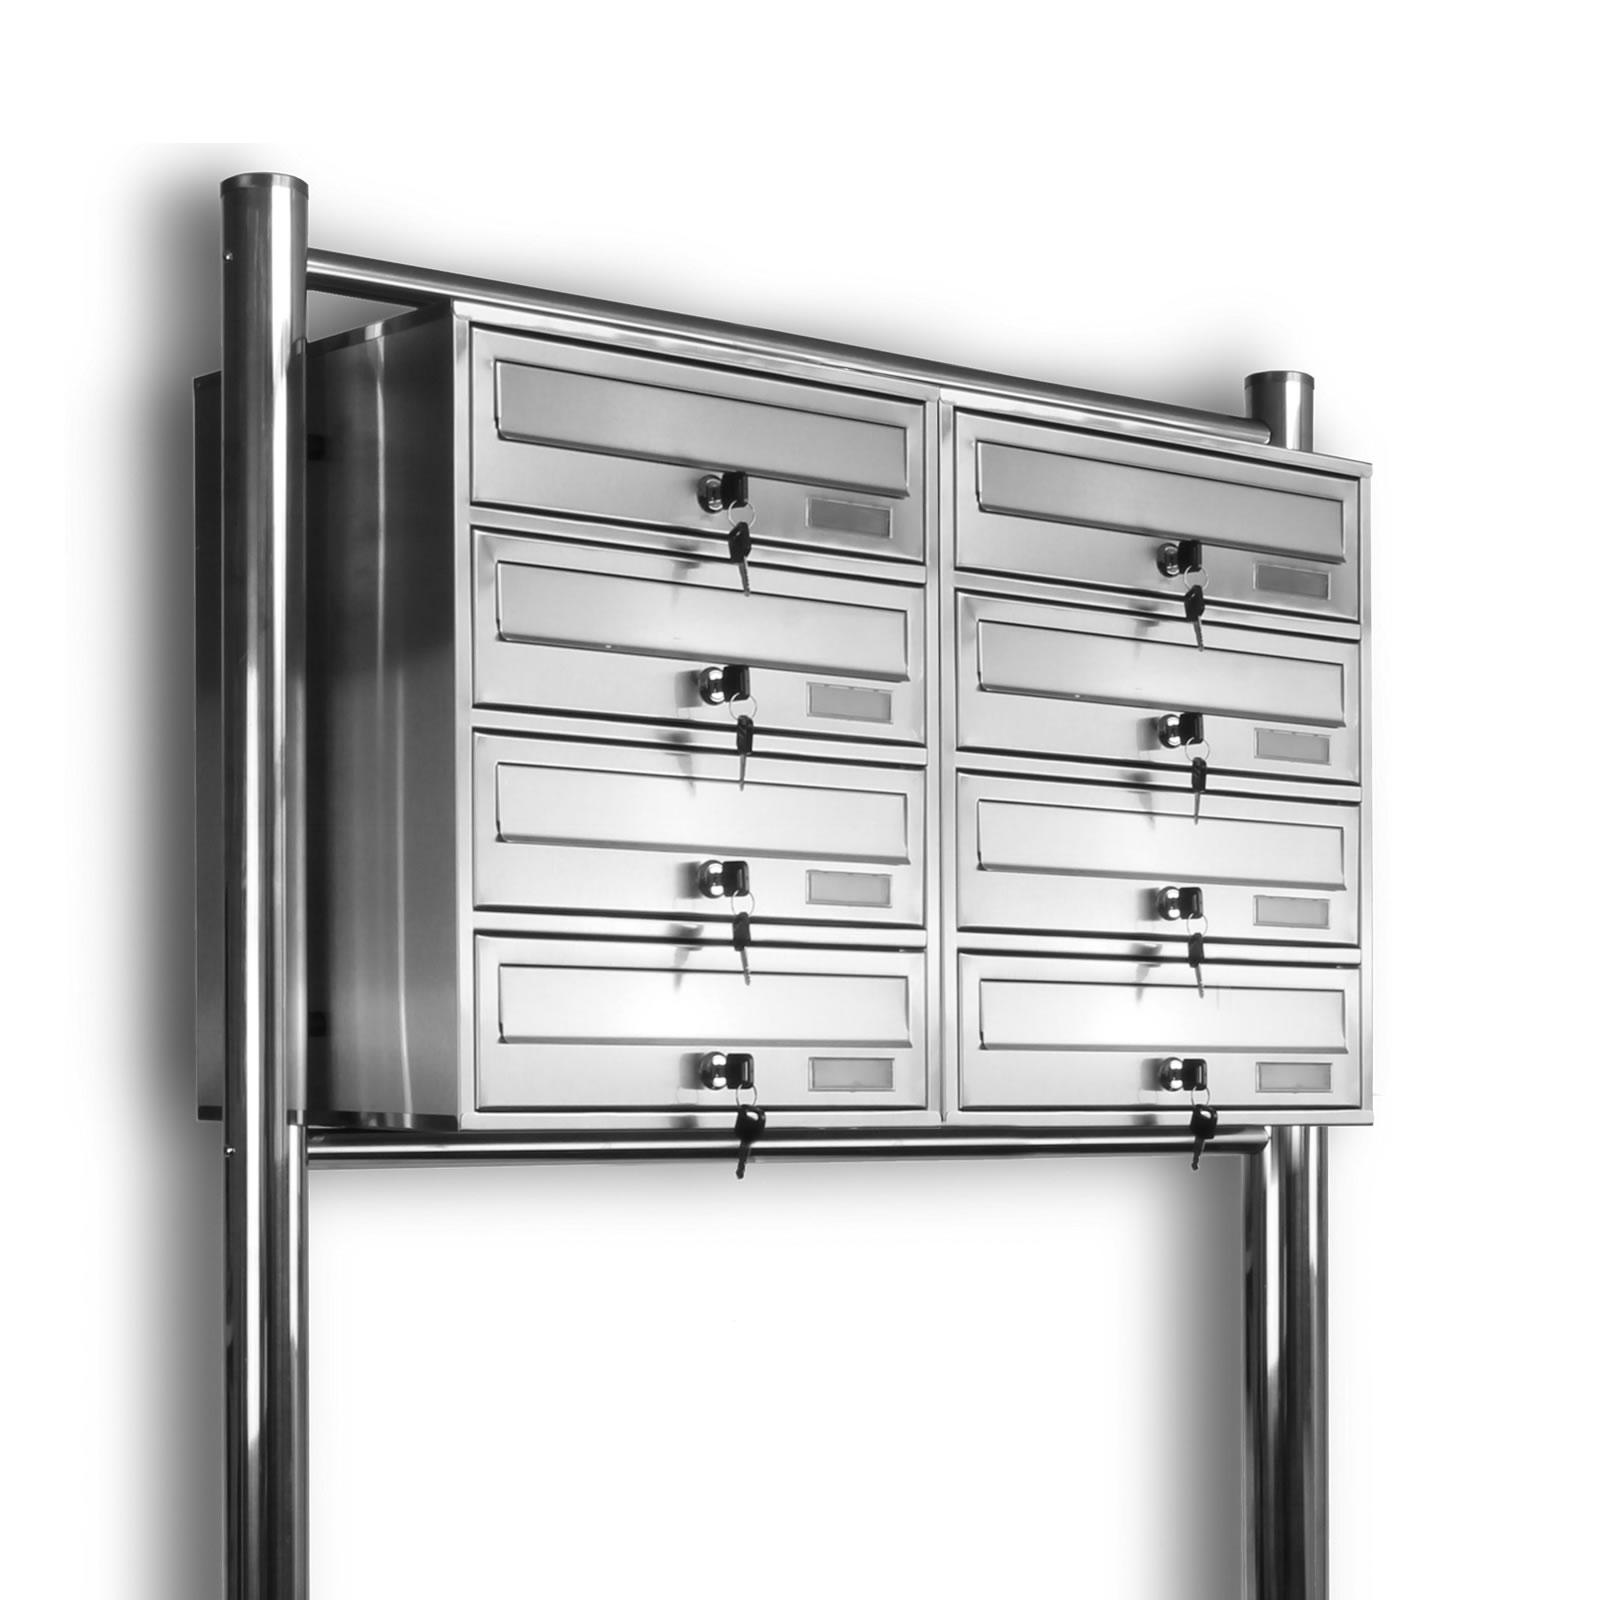 kelvin 8er edelstahl standbriefkasten mit regendach briefkasten anlage 8 fach ebay. Black Bedroom Furniture Sets. Home Design Ideas